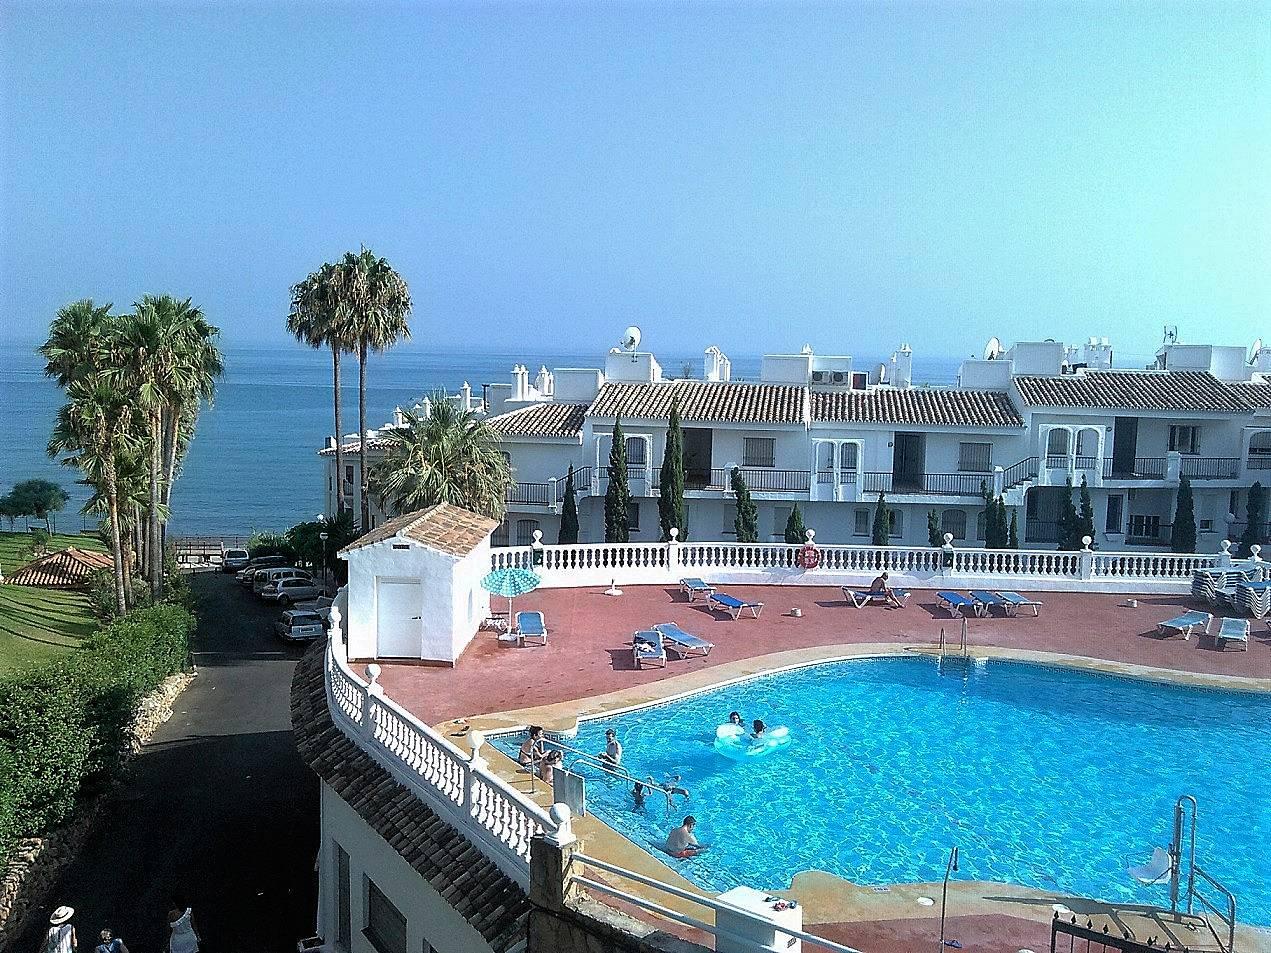 Alquiler vacaciones apartamentos y casas rurales en mijas - Alquiler casa vacaciones malaga ...